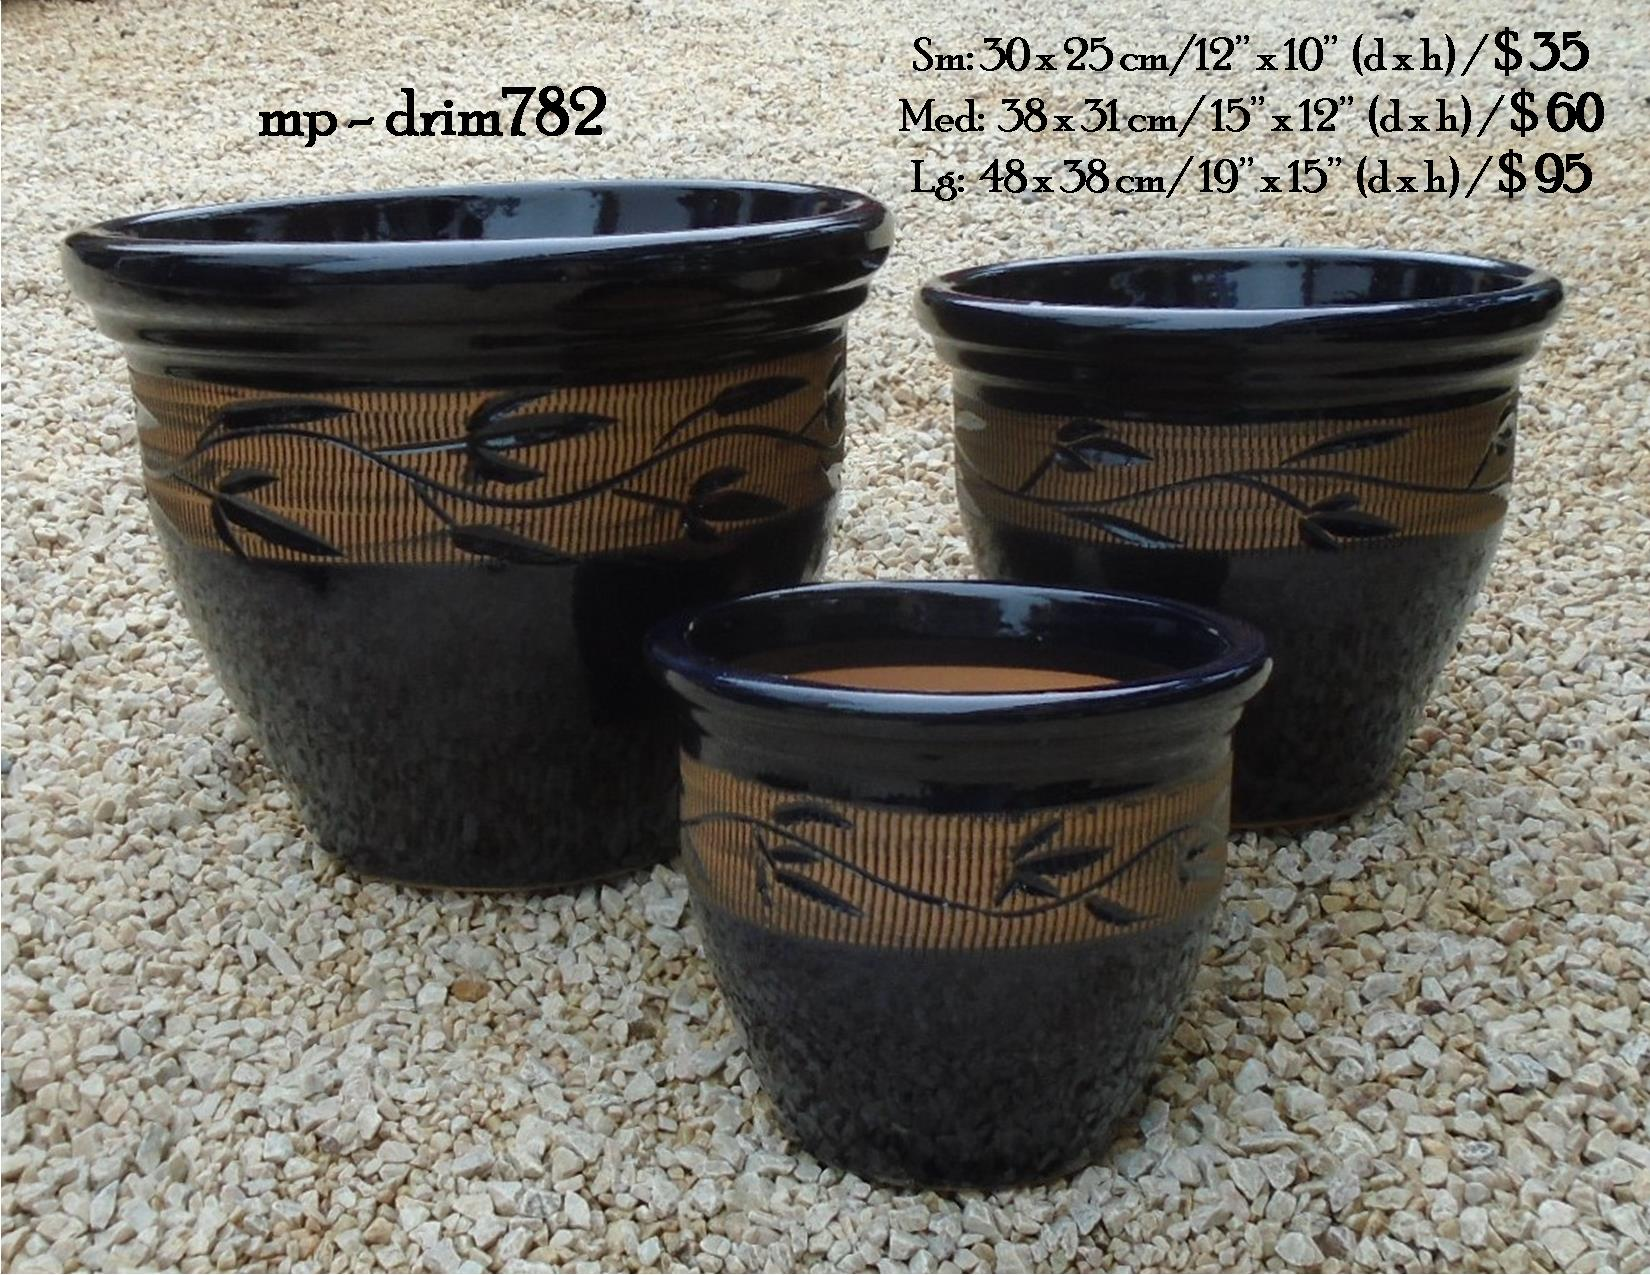 mp - drim782